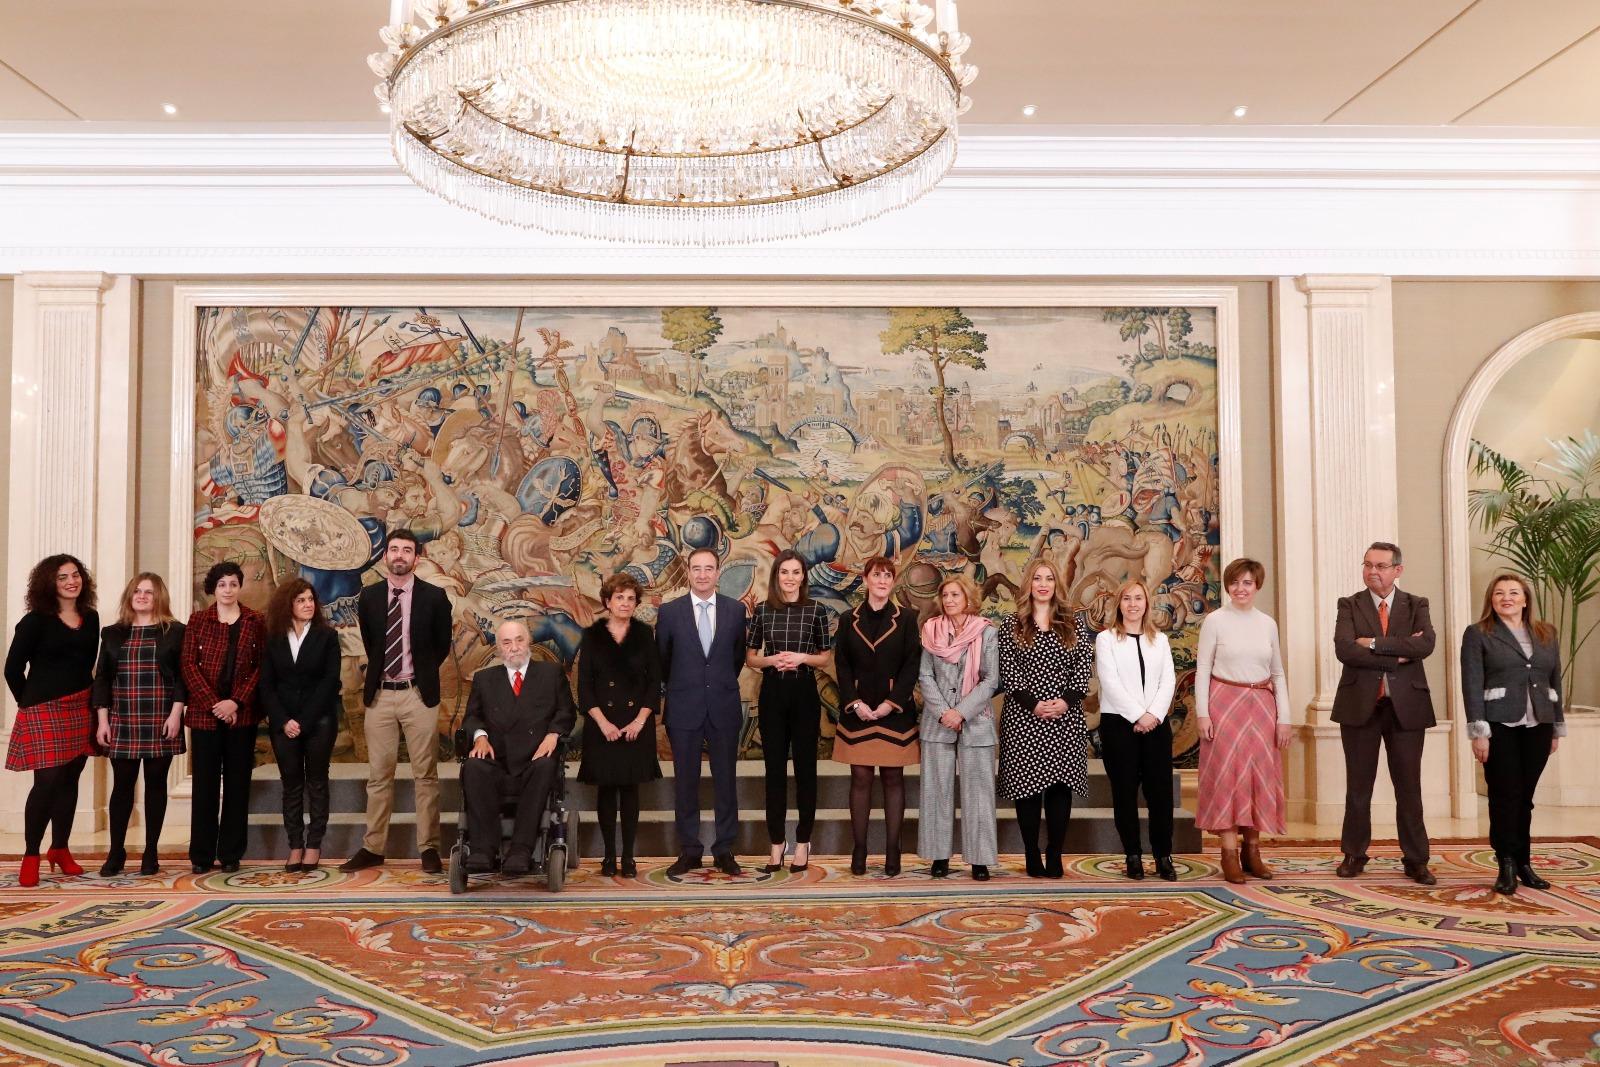 FEDACE y ADACEA Alicante se reunen con S.M. la Reina Doña Letizia